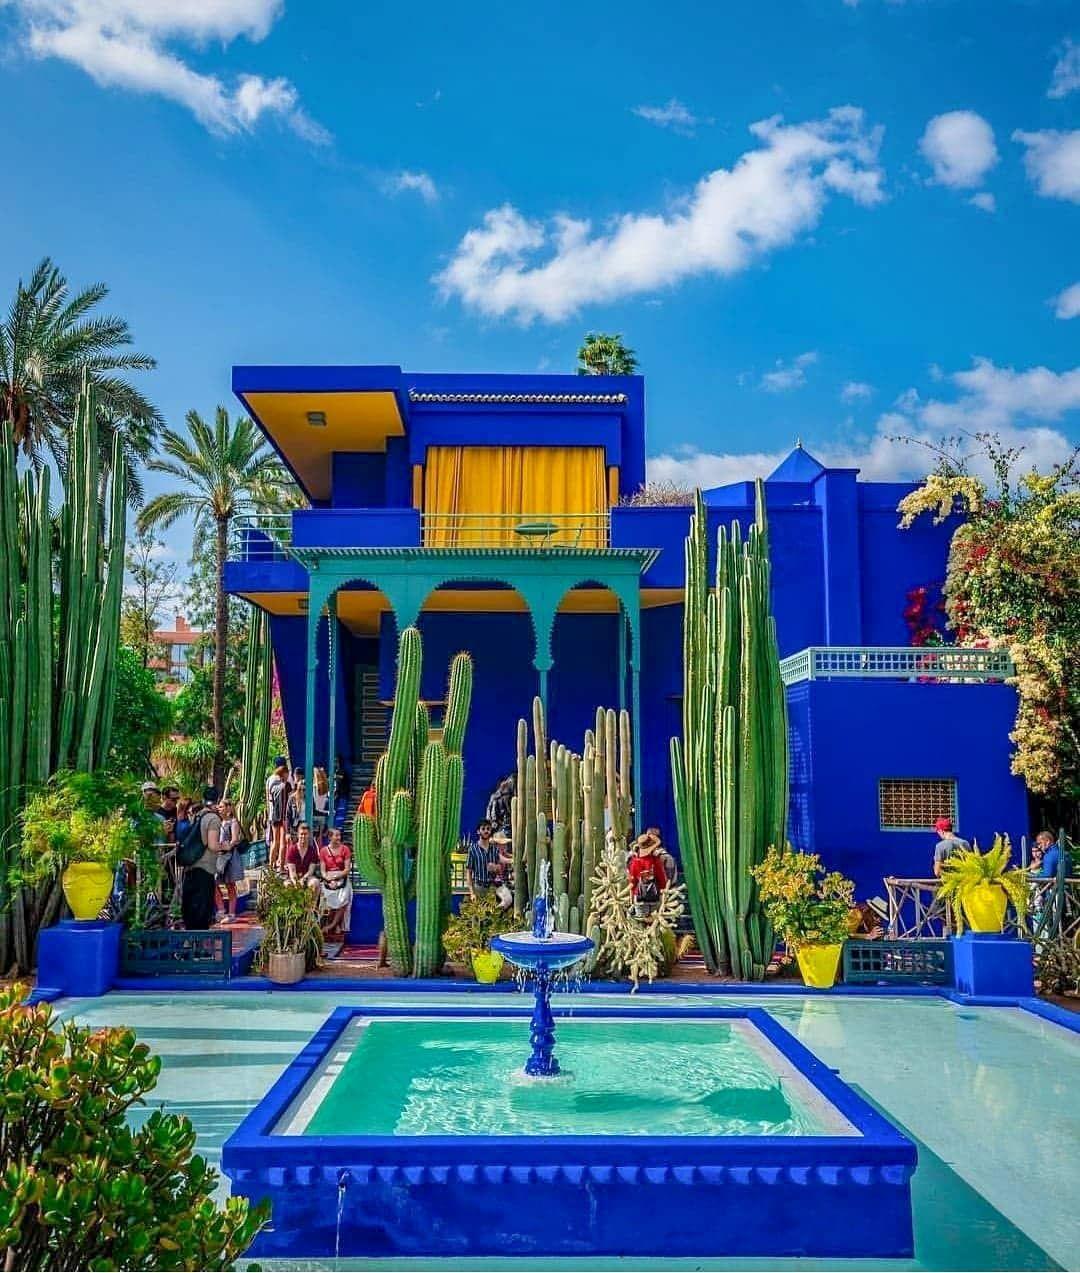 Morocco On Instagram We Majorelle Garden A Botanical Garden